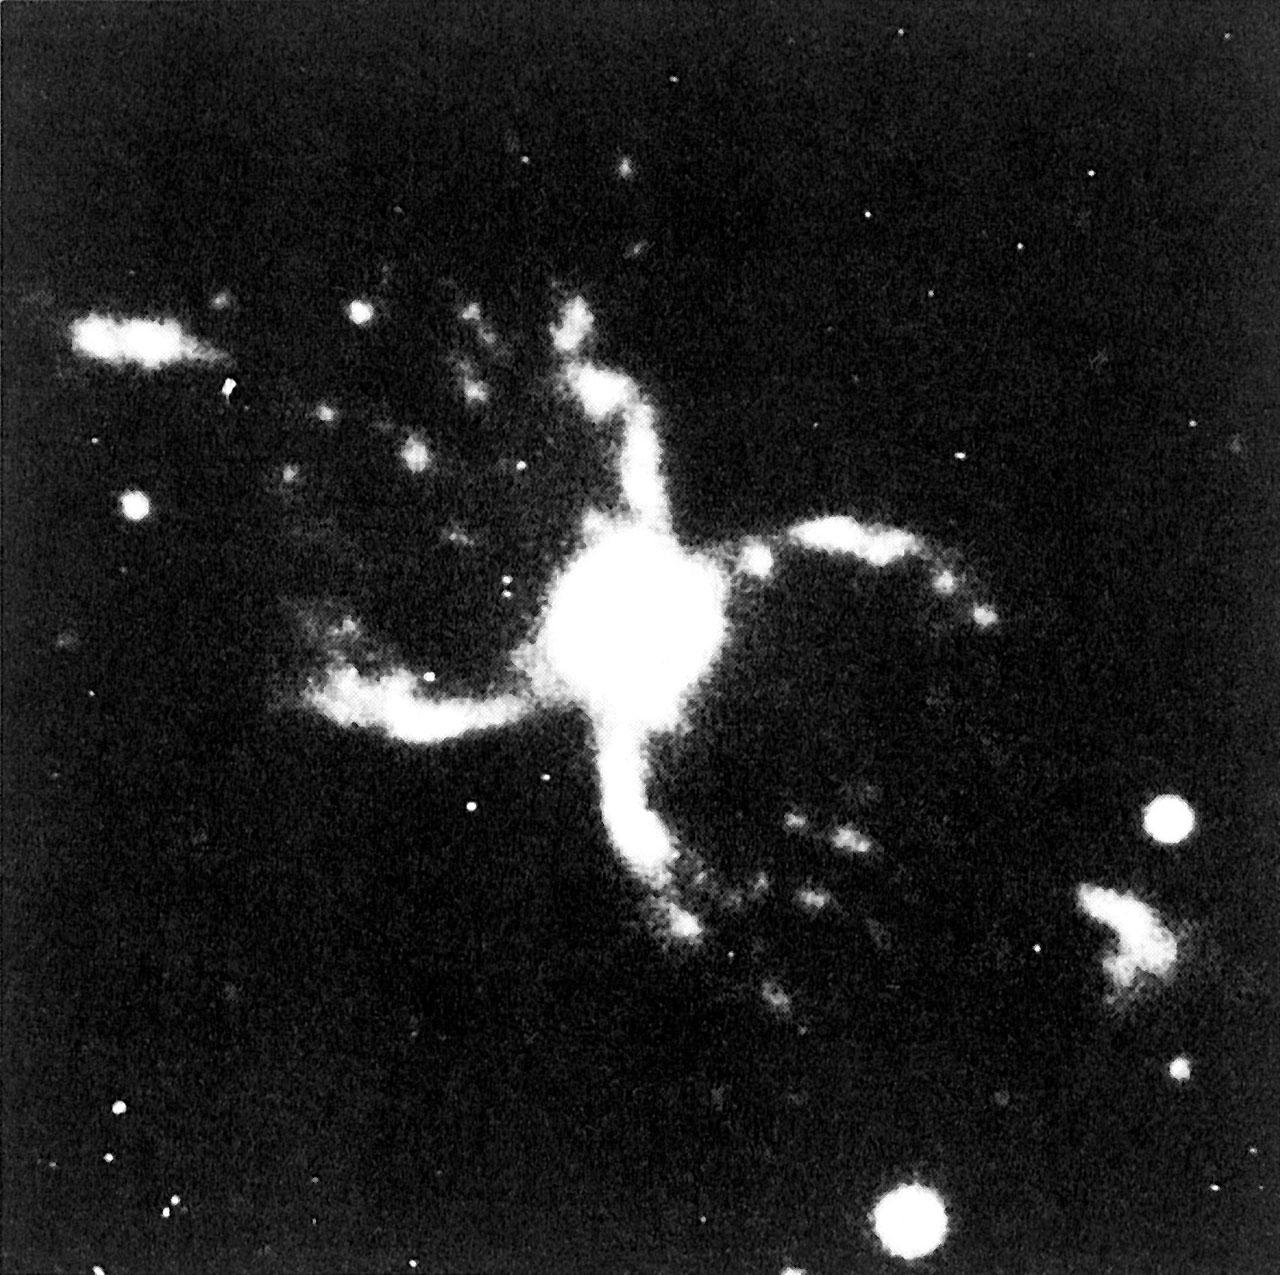 taurus the bull constellation crab nebula - photo #43